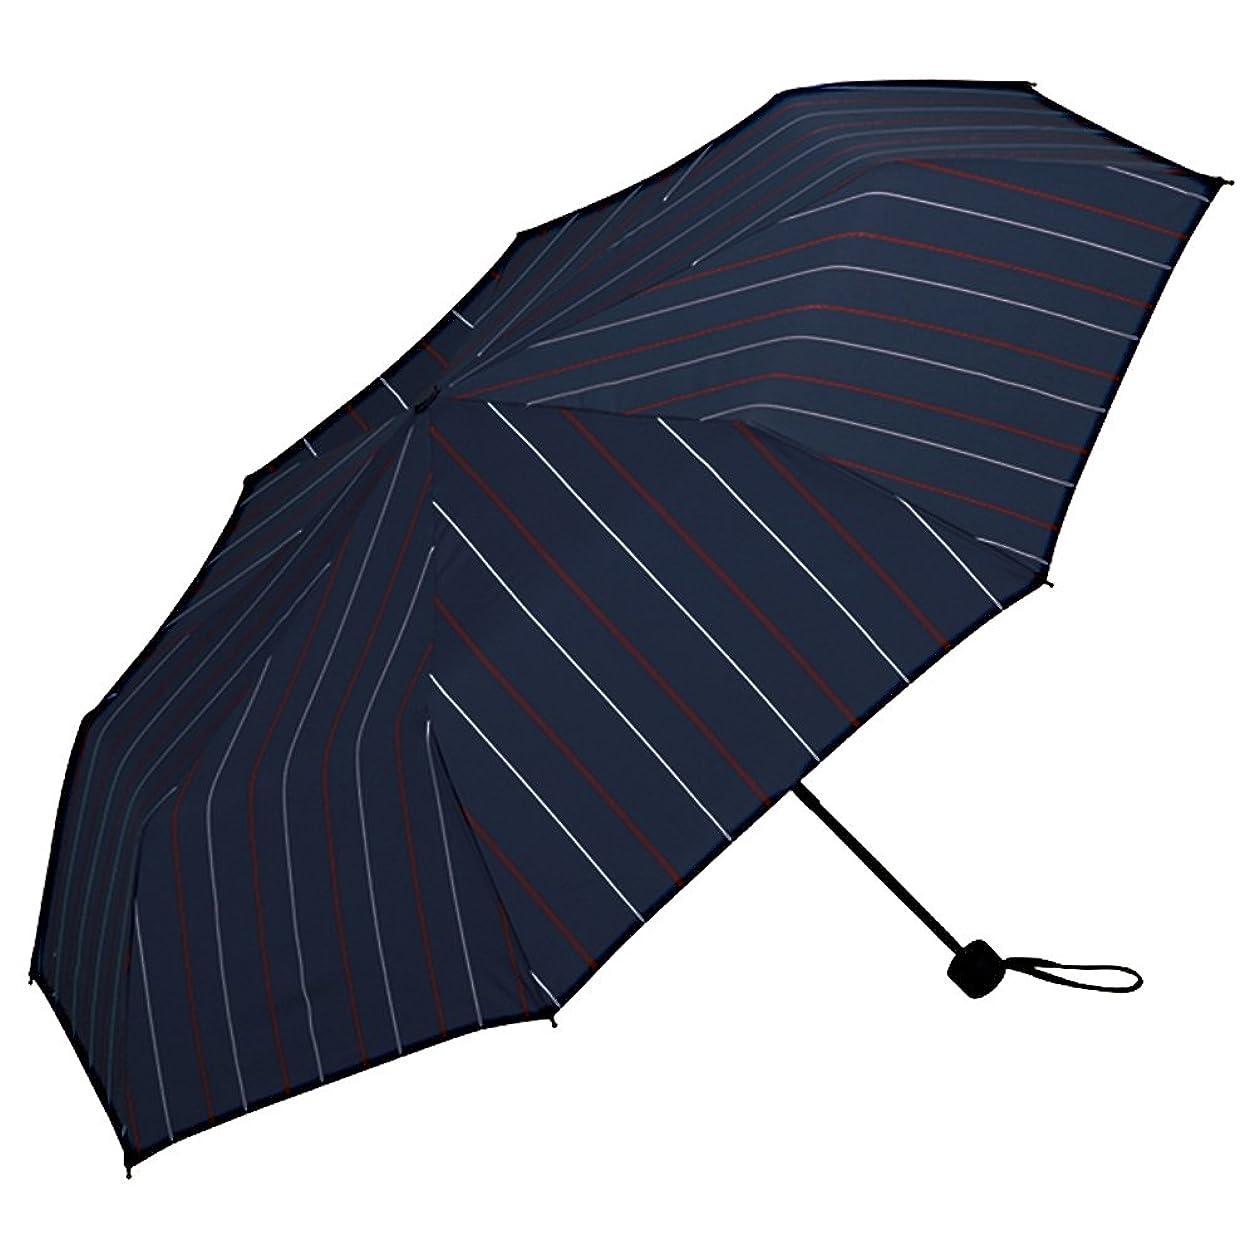 サスペンド暗くする謝罪するワールドパーティー(Wpc.) 雨傘 折りたたみ傘  ネイビー  65cm  レディース メンズ ユニセックス 耐風 MSZ-041